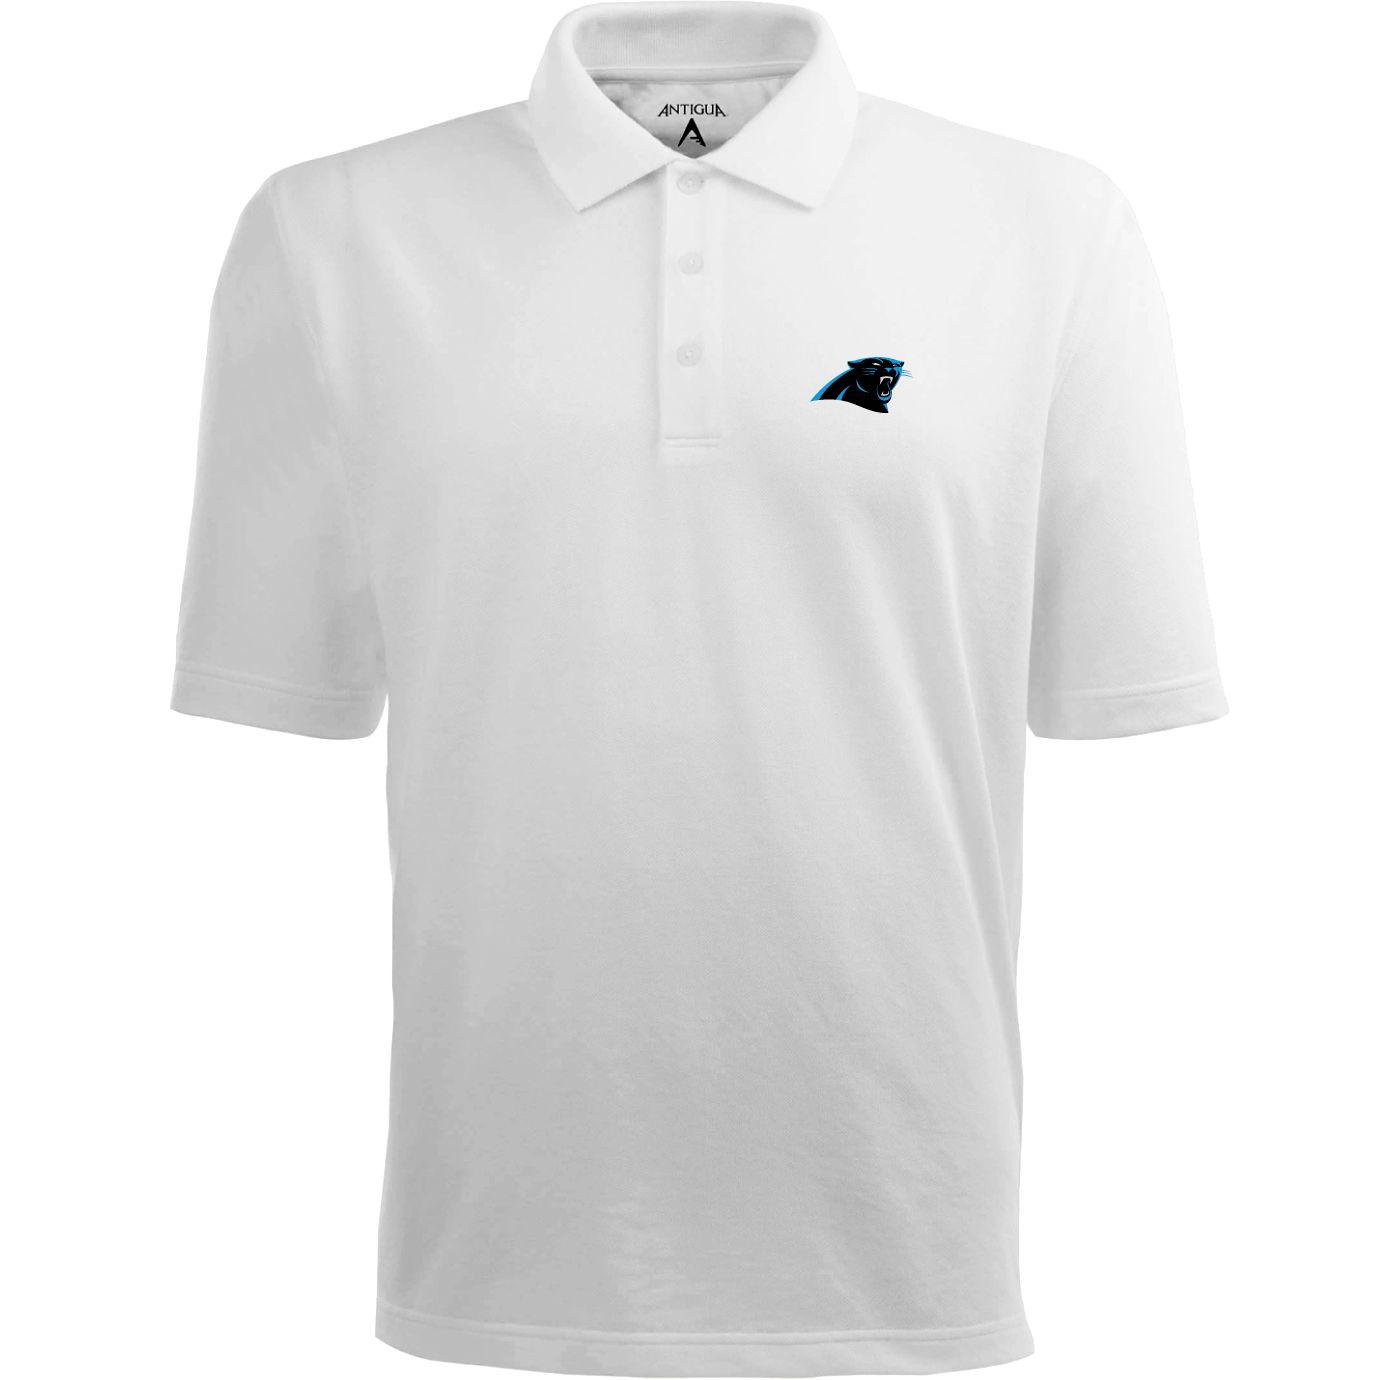 Antigua Men's Carolina Panthers Pique Xtra-Lite White Polo